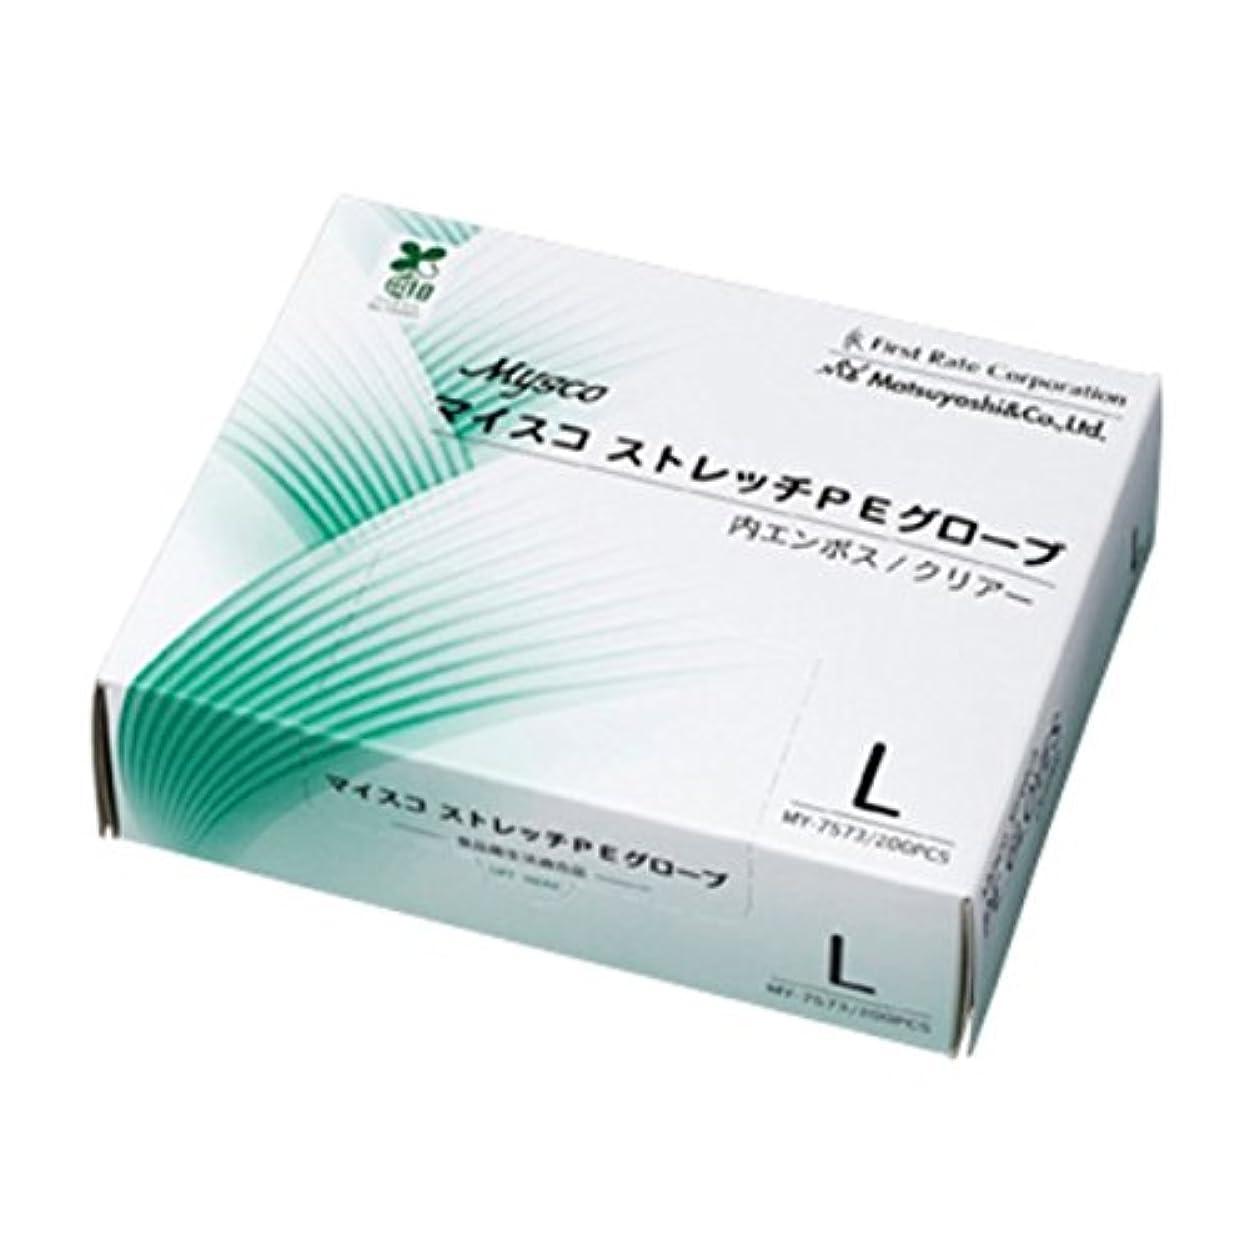 協力神経障害黒板【ケース販売】マイスコ ストレッチPEグローブ L 200枚入×40箱